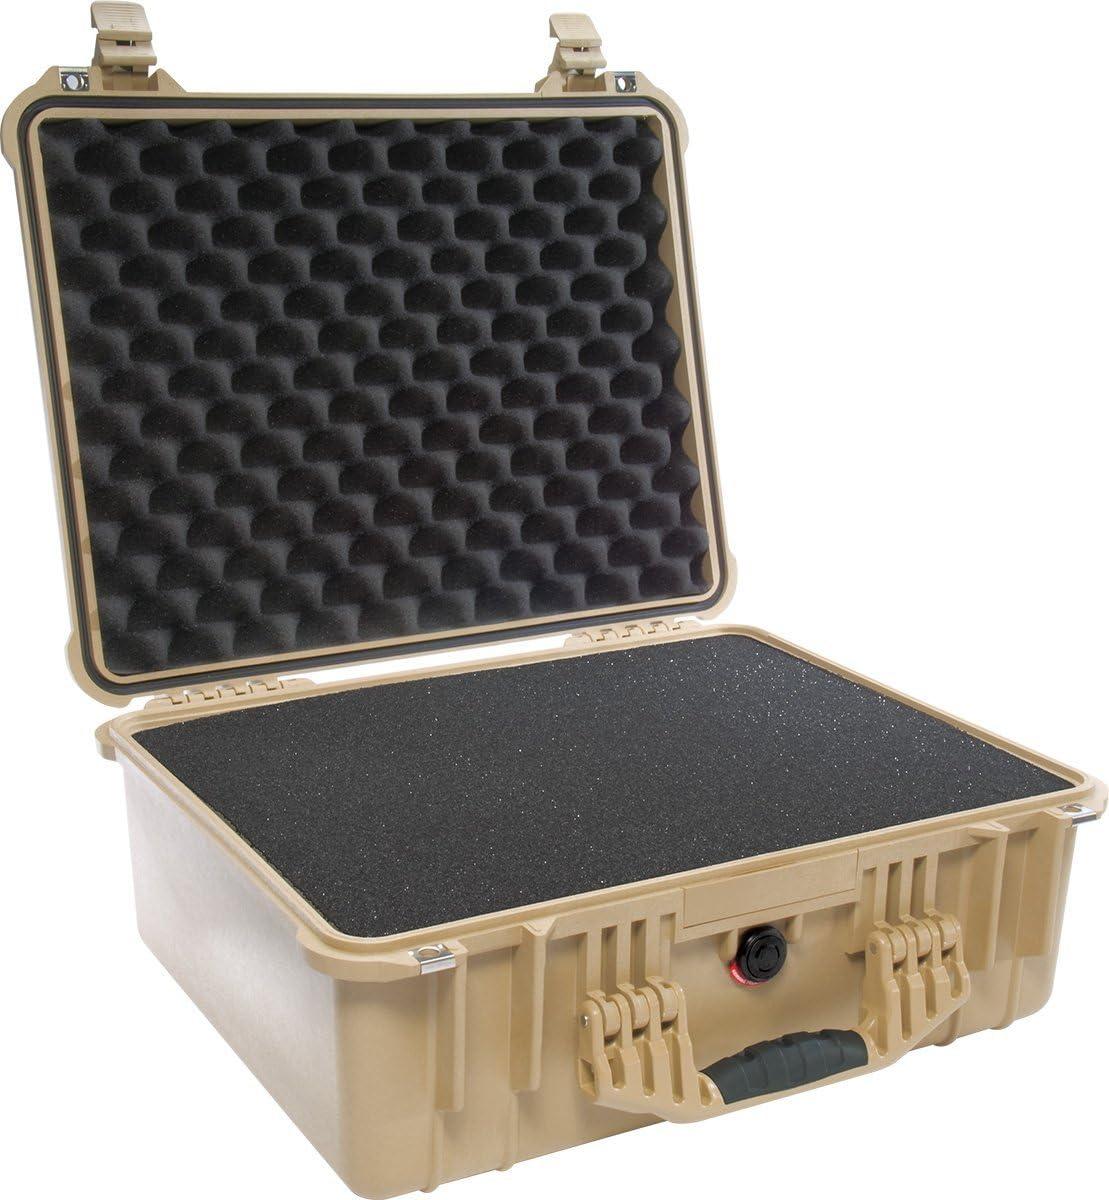 Camera By Cobra Pelican Case 1550 Foam serts Set 2 Pieces